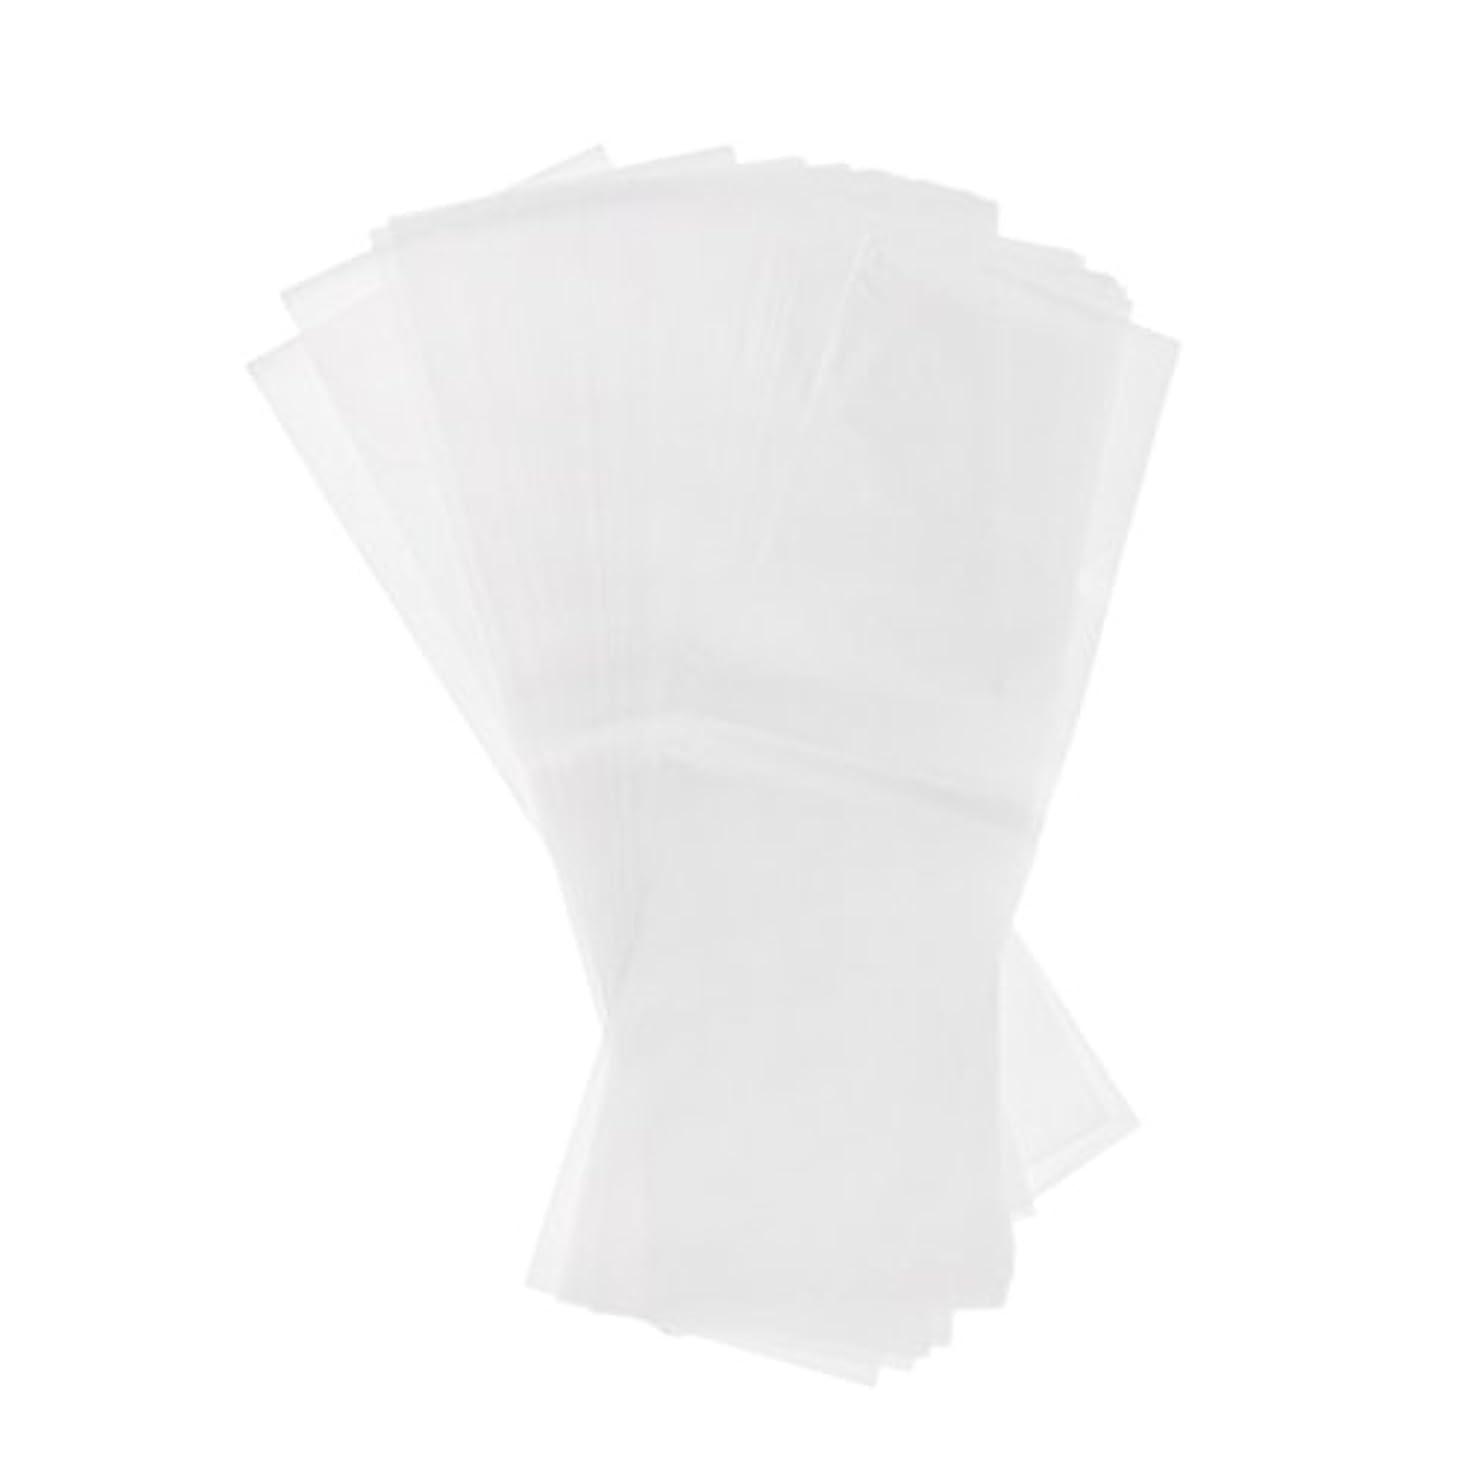 ほんの満州エージェント約50枚 毛染め 分版用紙 プラスチック製 染毛紙 色のハイライト おしゃれ染め 2仕様選べる - ホワイト